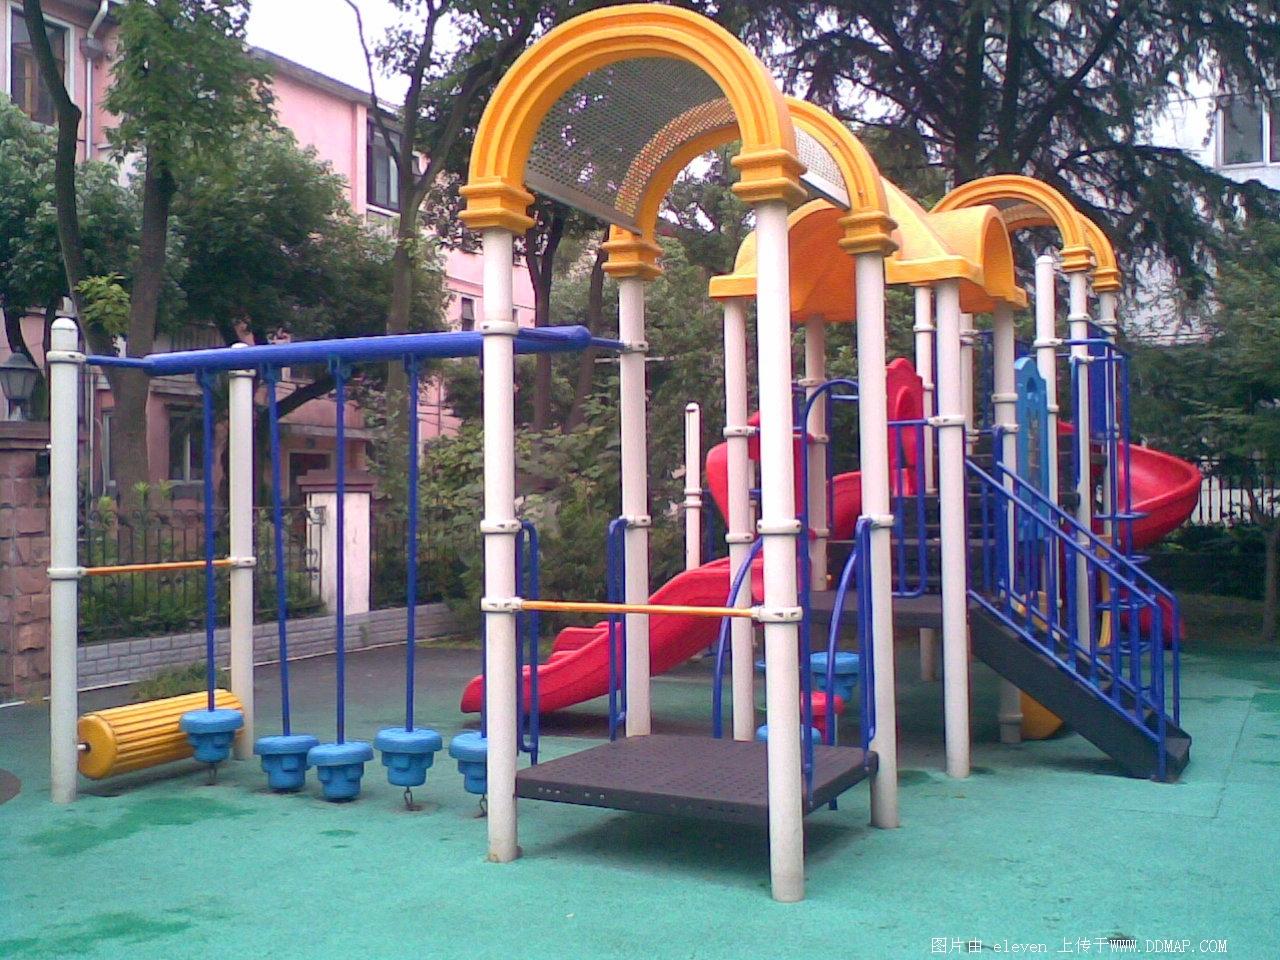 上海市长宁区格林菲尔幼儿园相册